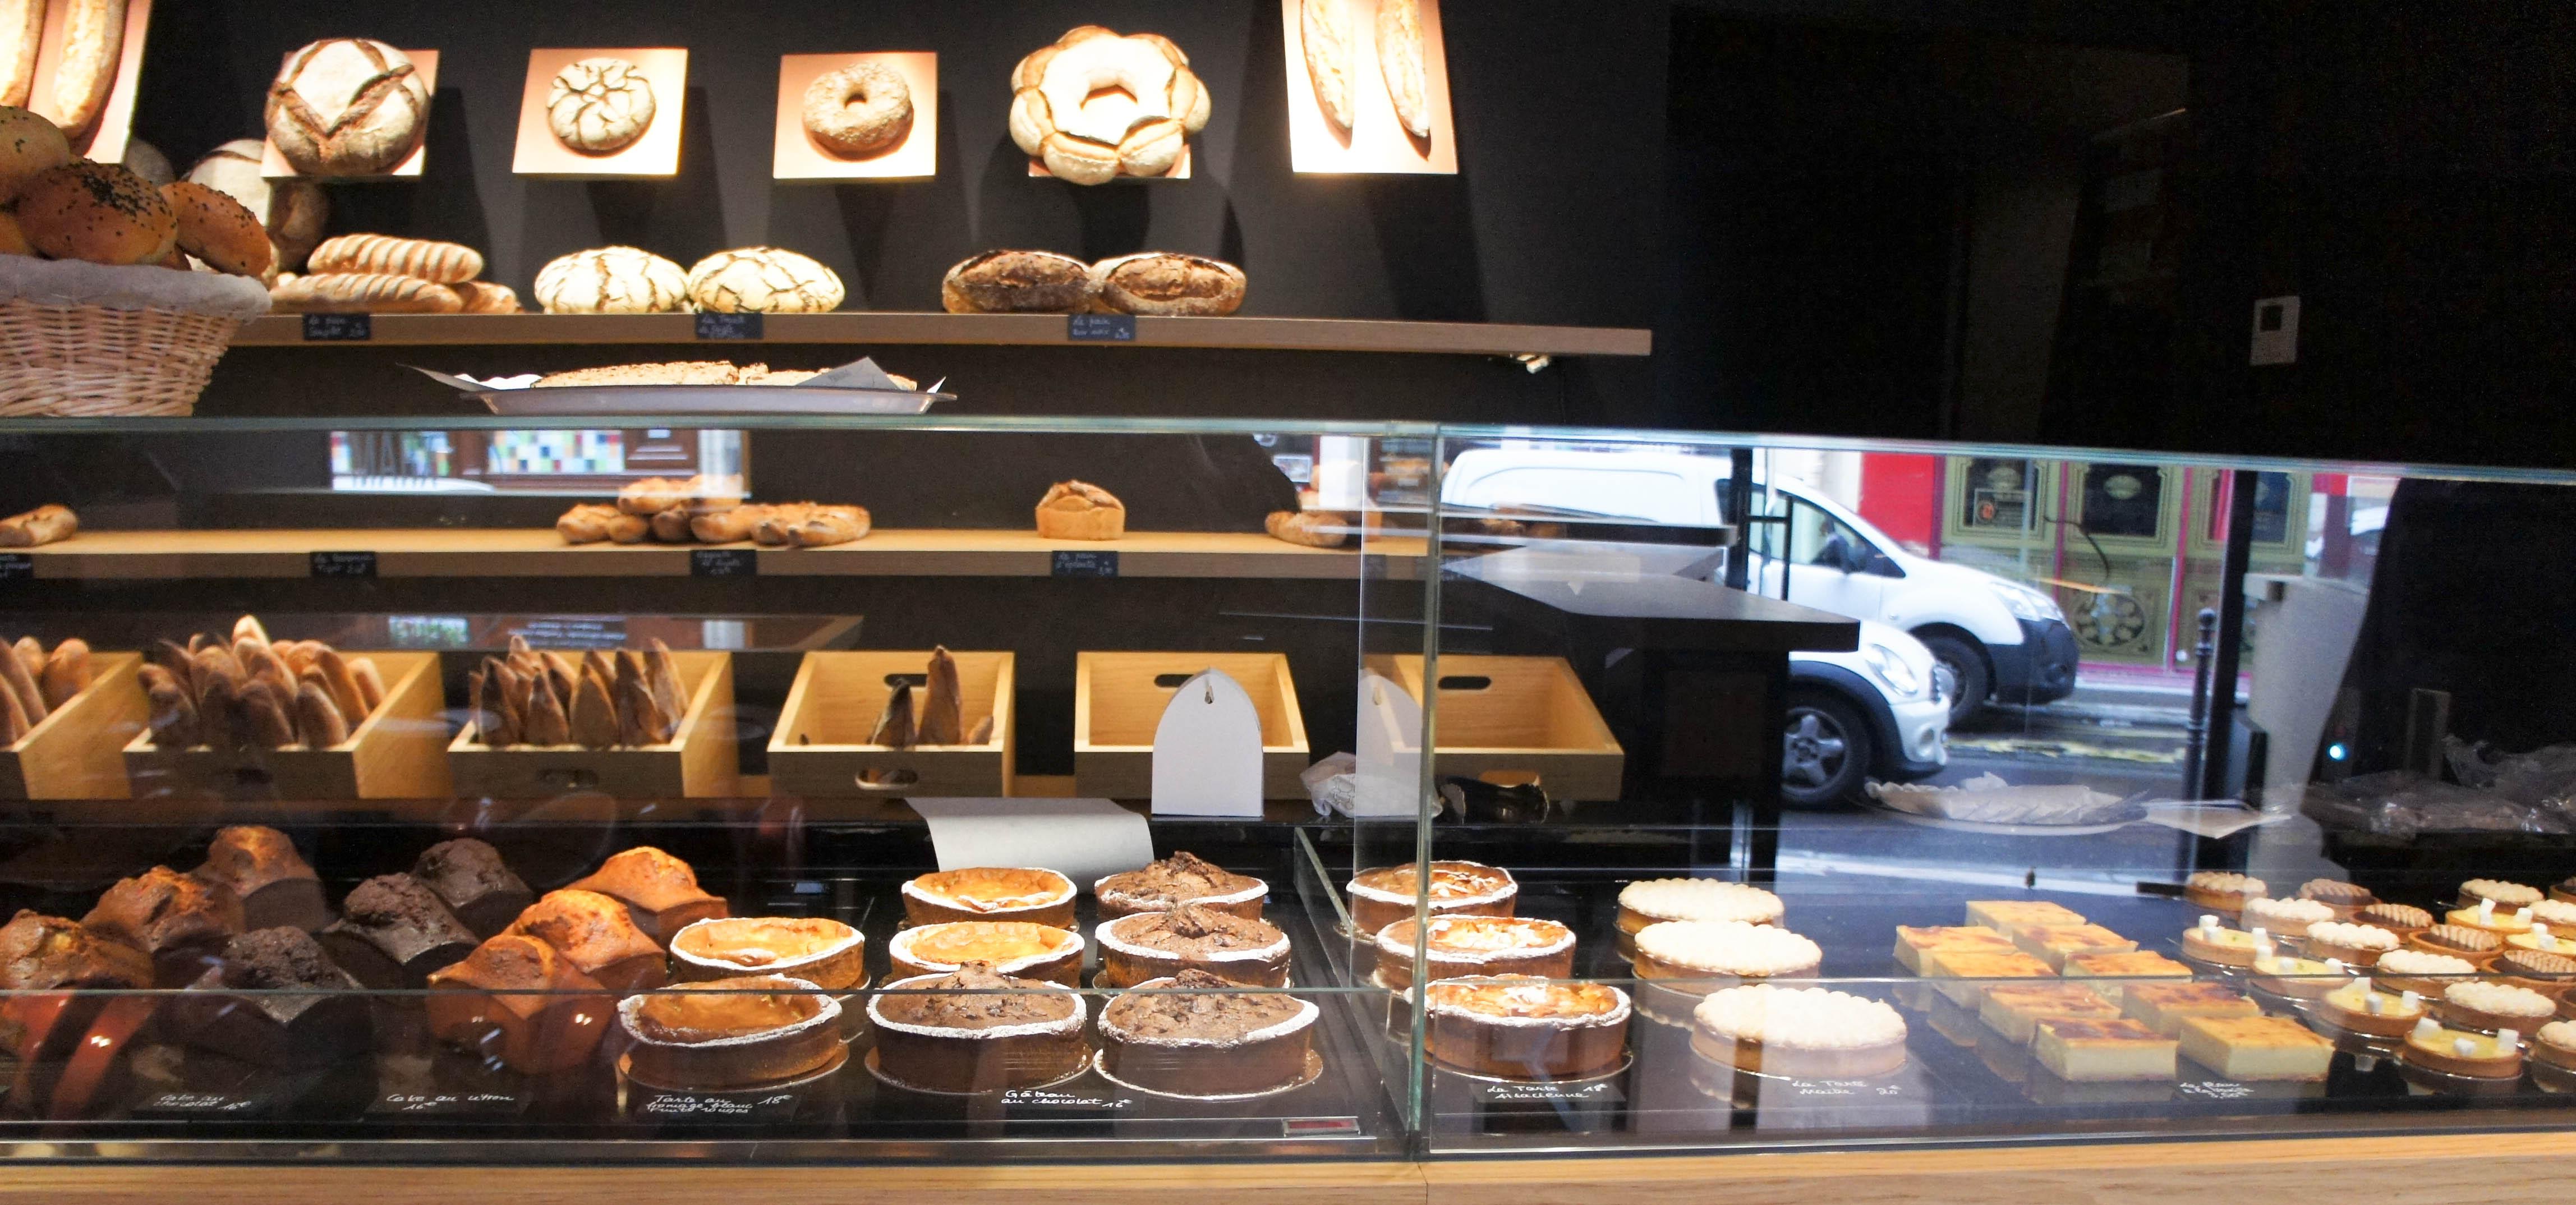 3c7a49960a60c0 Les gammes sont resserrées sur des produits simples   des tartes et gâteaux  de voyage pour